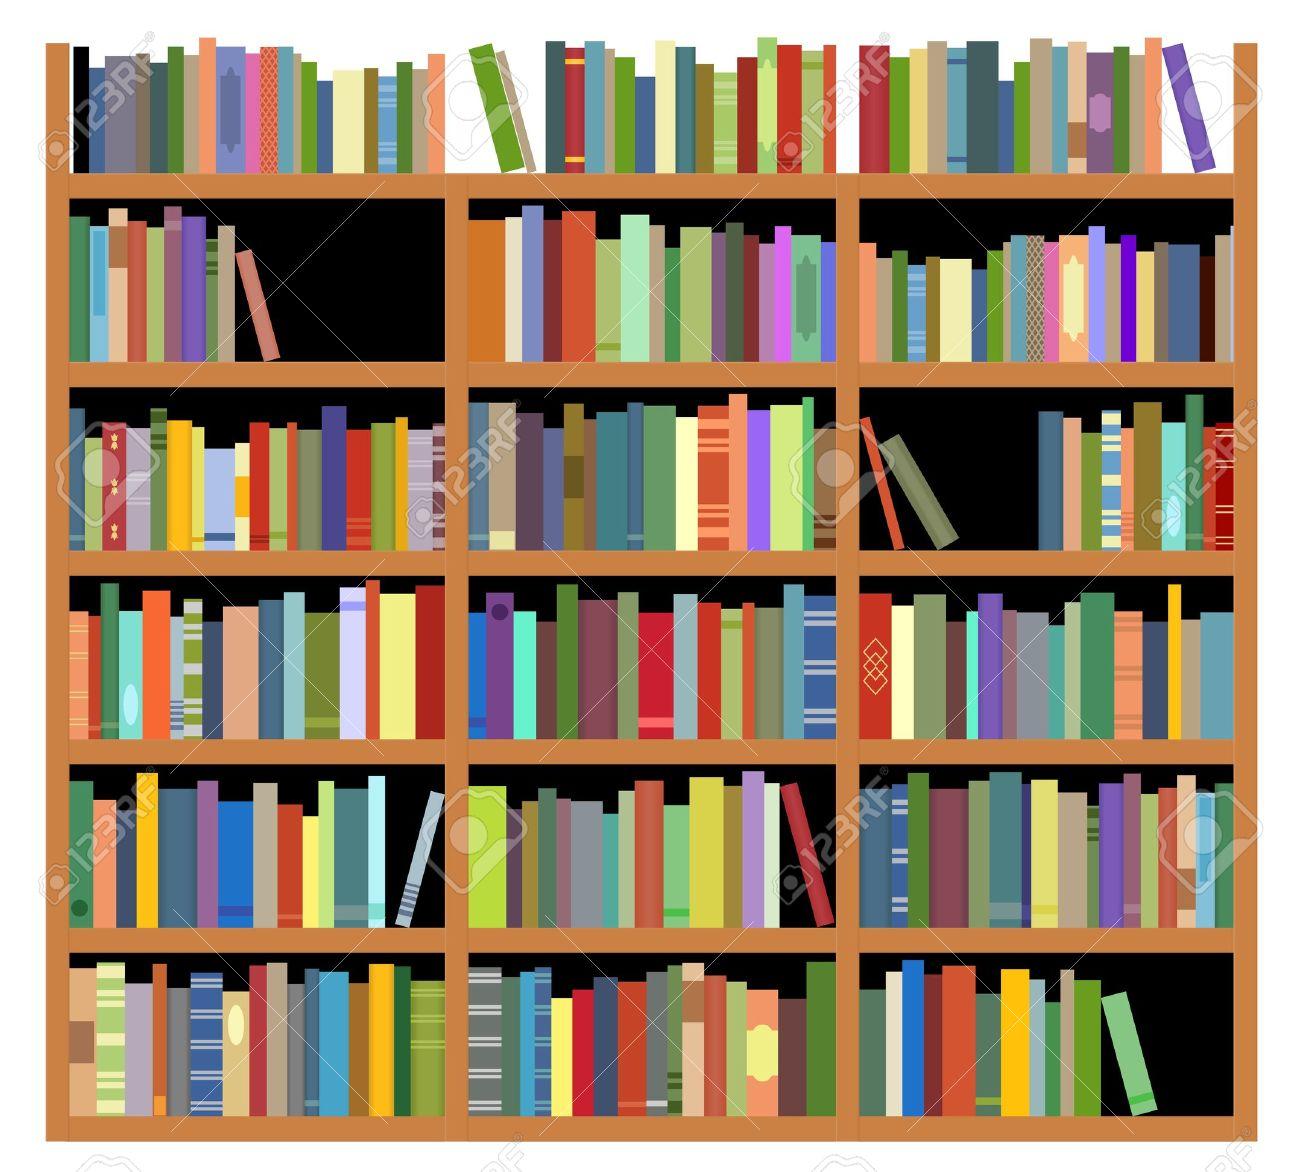 Boekenplank Met Boeken.Boekenplank Met Boeken Geaƒ A Soleerd Op Witte Achtergrond Voor